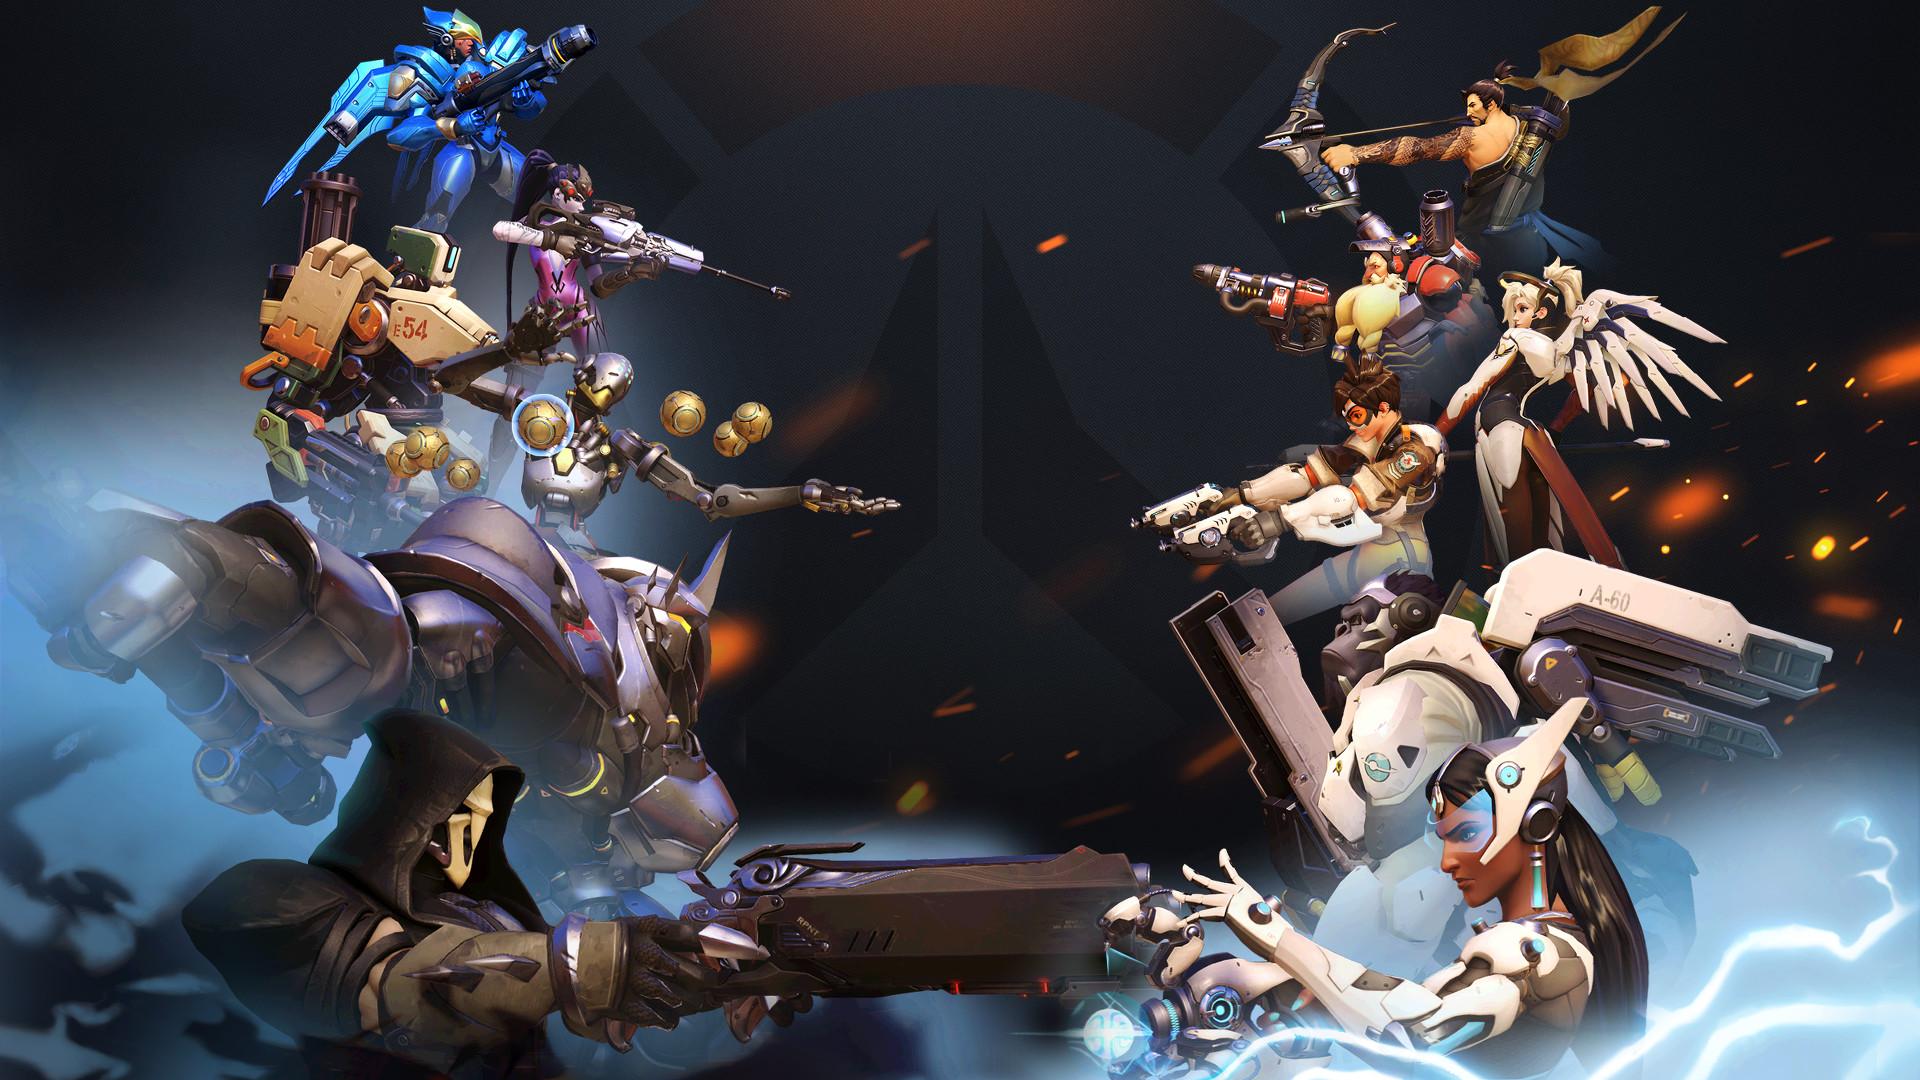 Video Game РOverwatch Hanzo (Overwatch) Torbj̦rn (Overwatch) Mercy ( Overwatch)